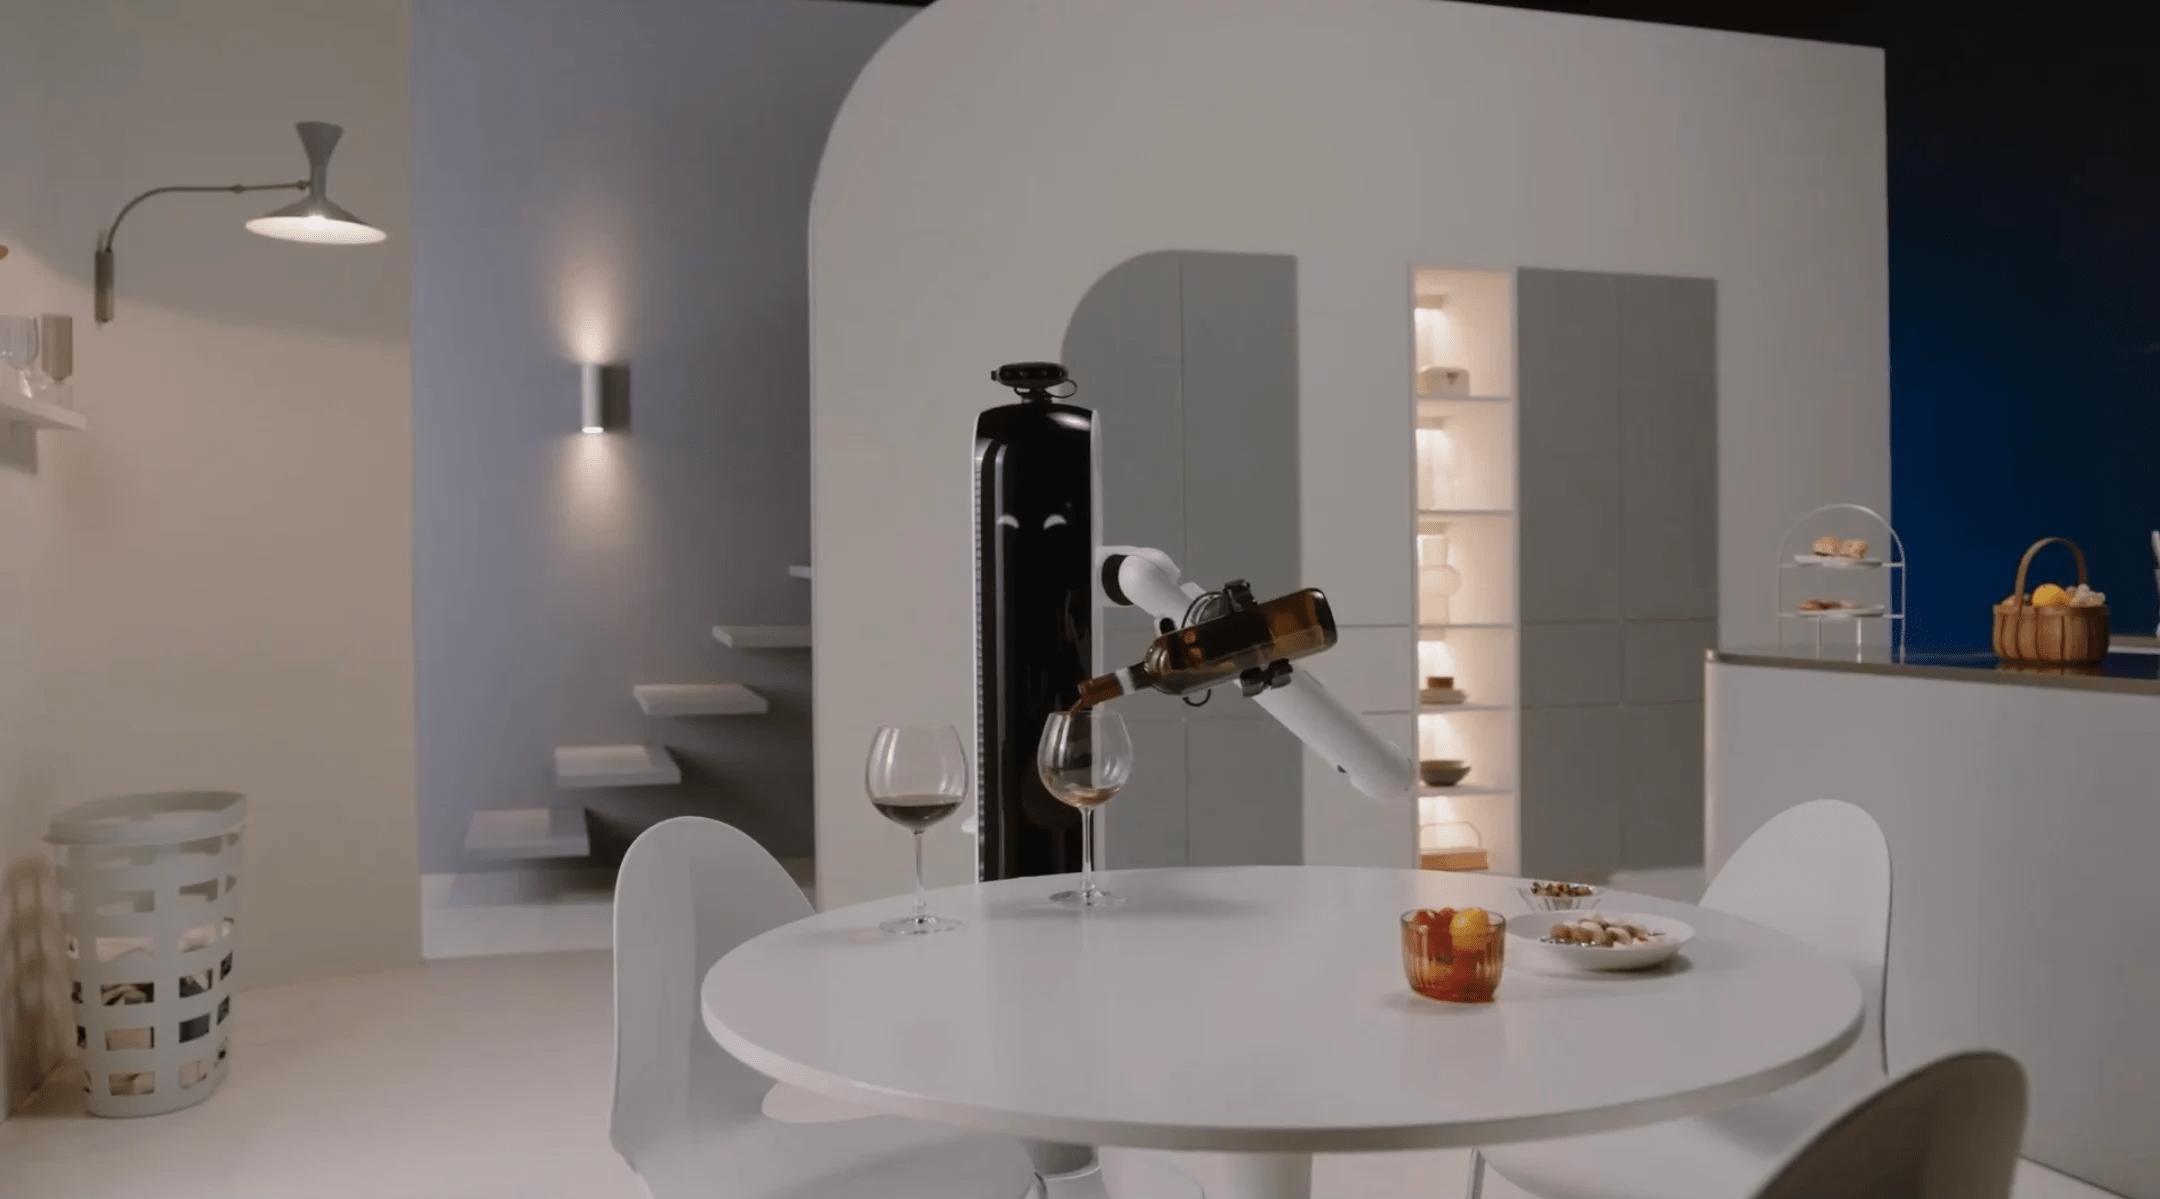 Появился робот, который нальет бокал вина после утомительного дня